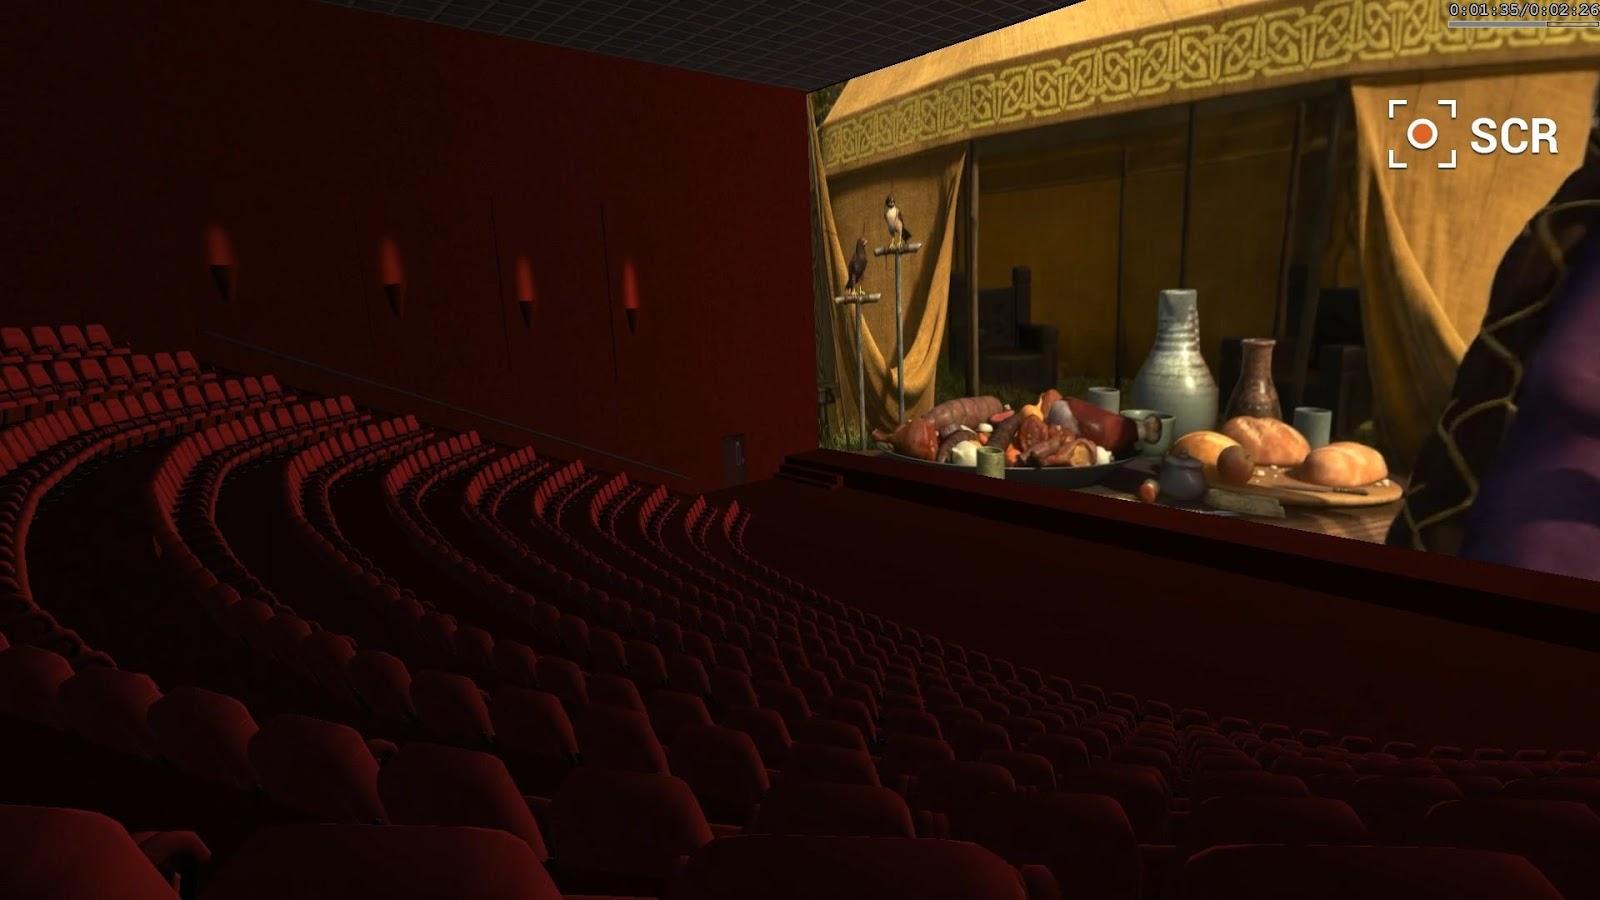 Cmoar VR Cinema PRO APK for Samsung details